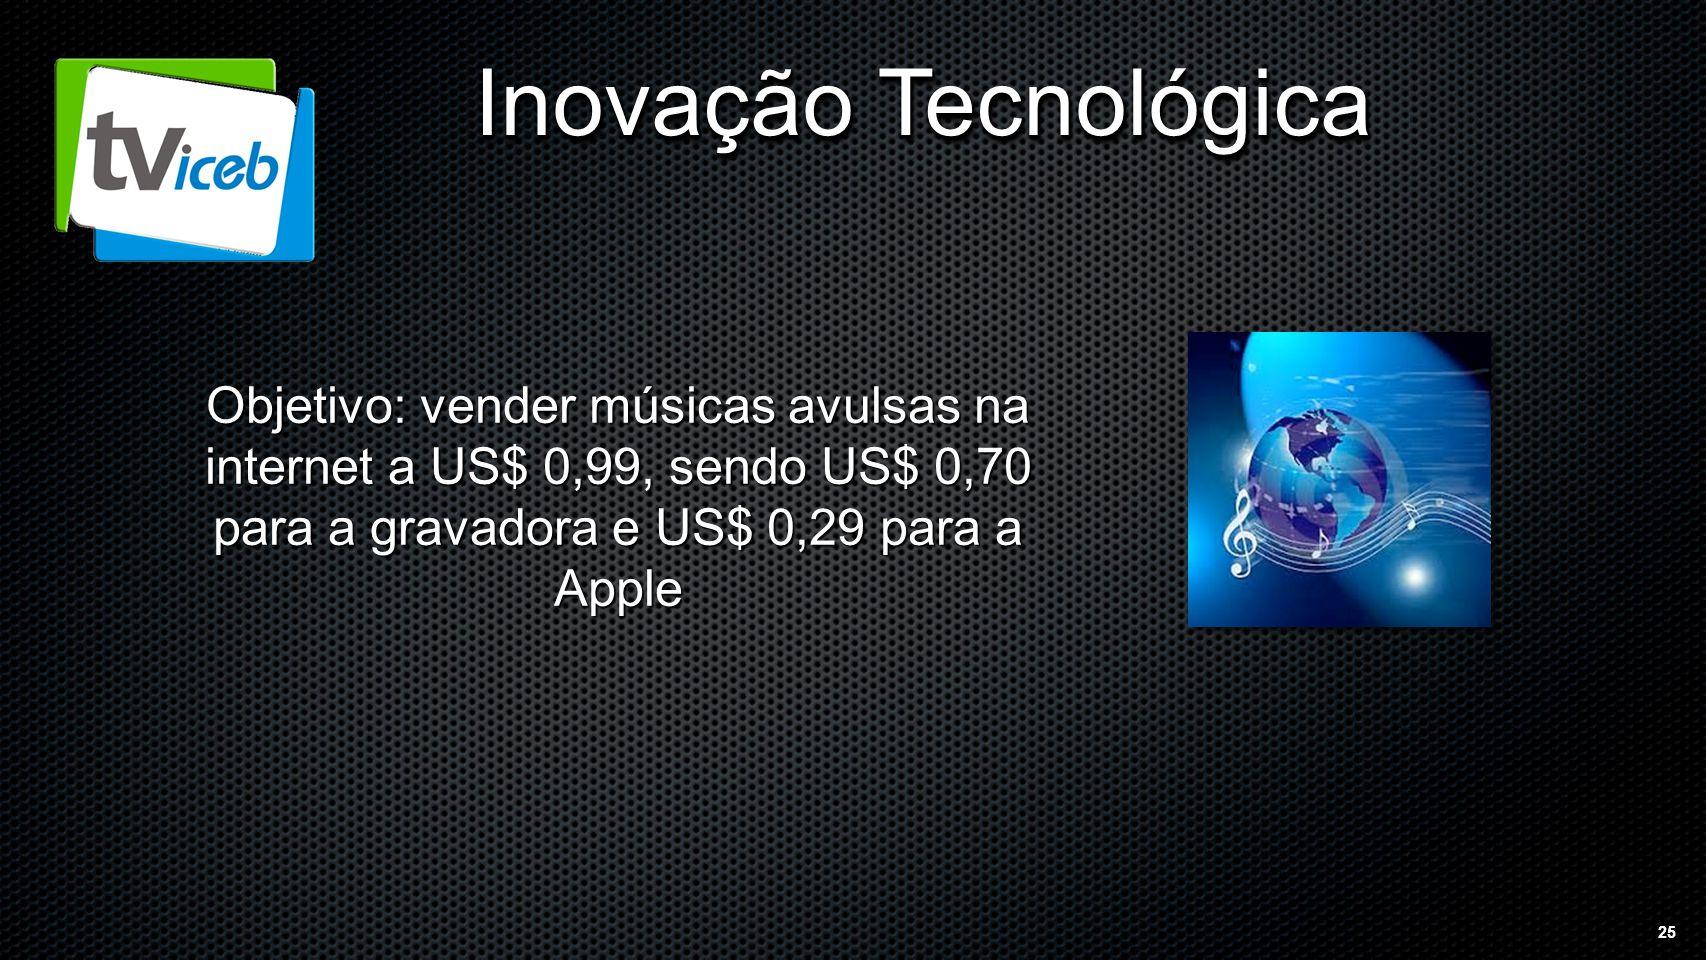 25 Inovação Tecnológica Objetivo: vender músicas avulsas na internet a US$ 0,99, sendo US$ 0,70 para a gravadora e US$ 0,29 para a Apple